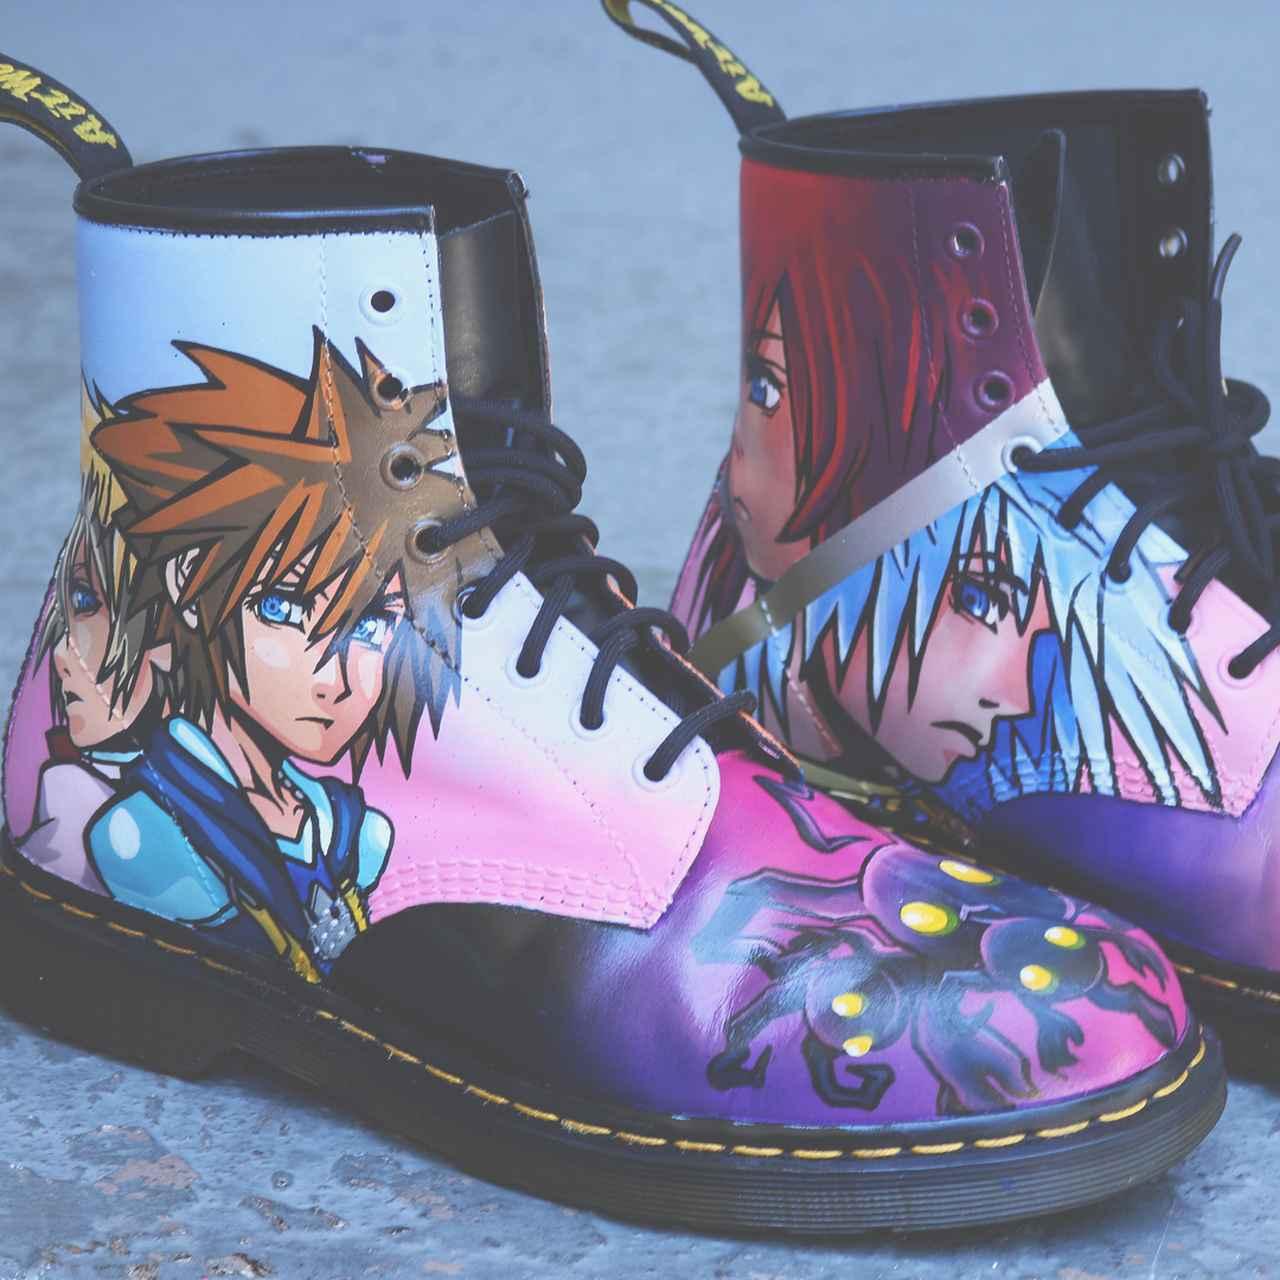 画像2: 日本発のゲームキャラがブーツに